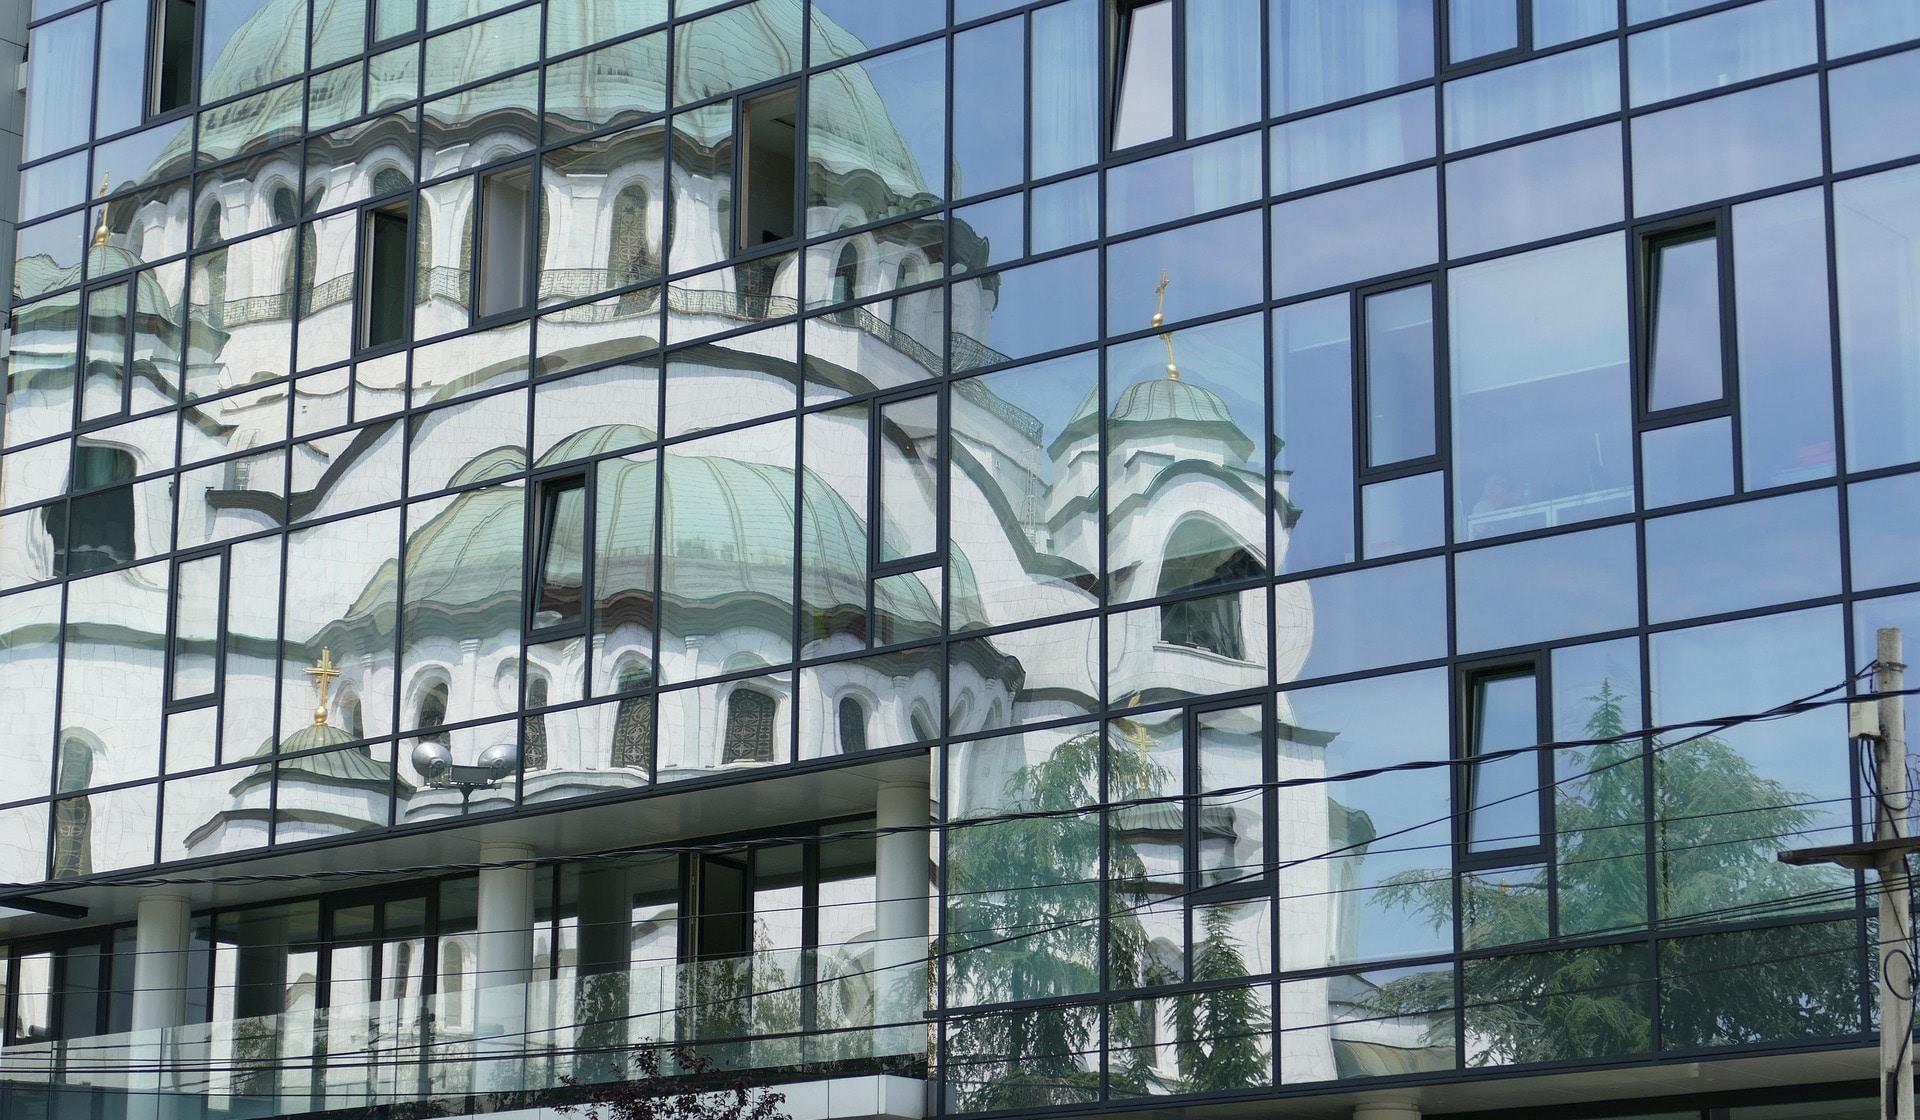 5 città europee da visitare in un weekend